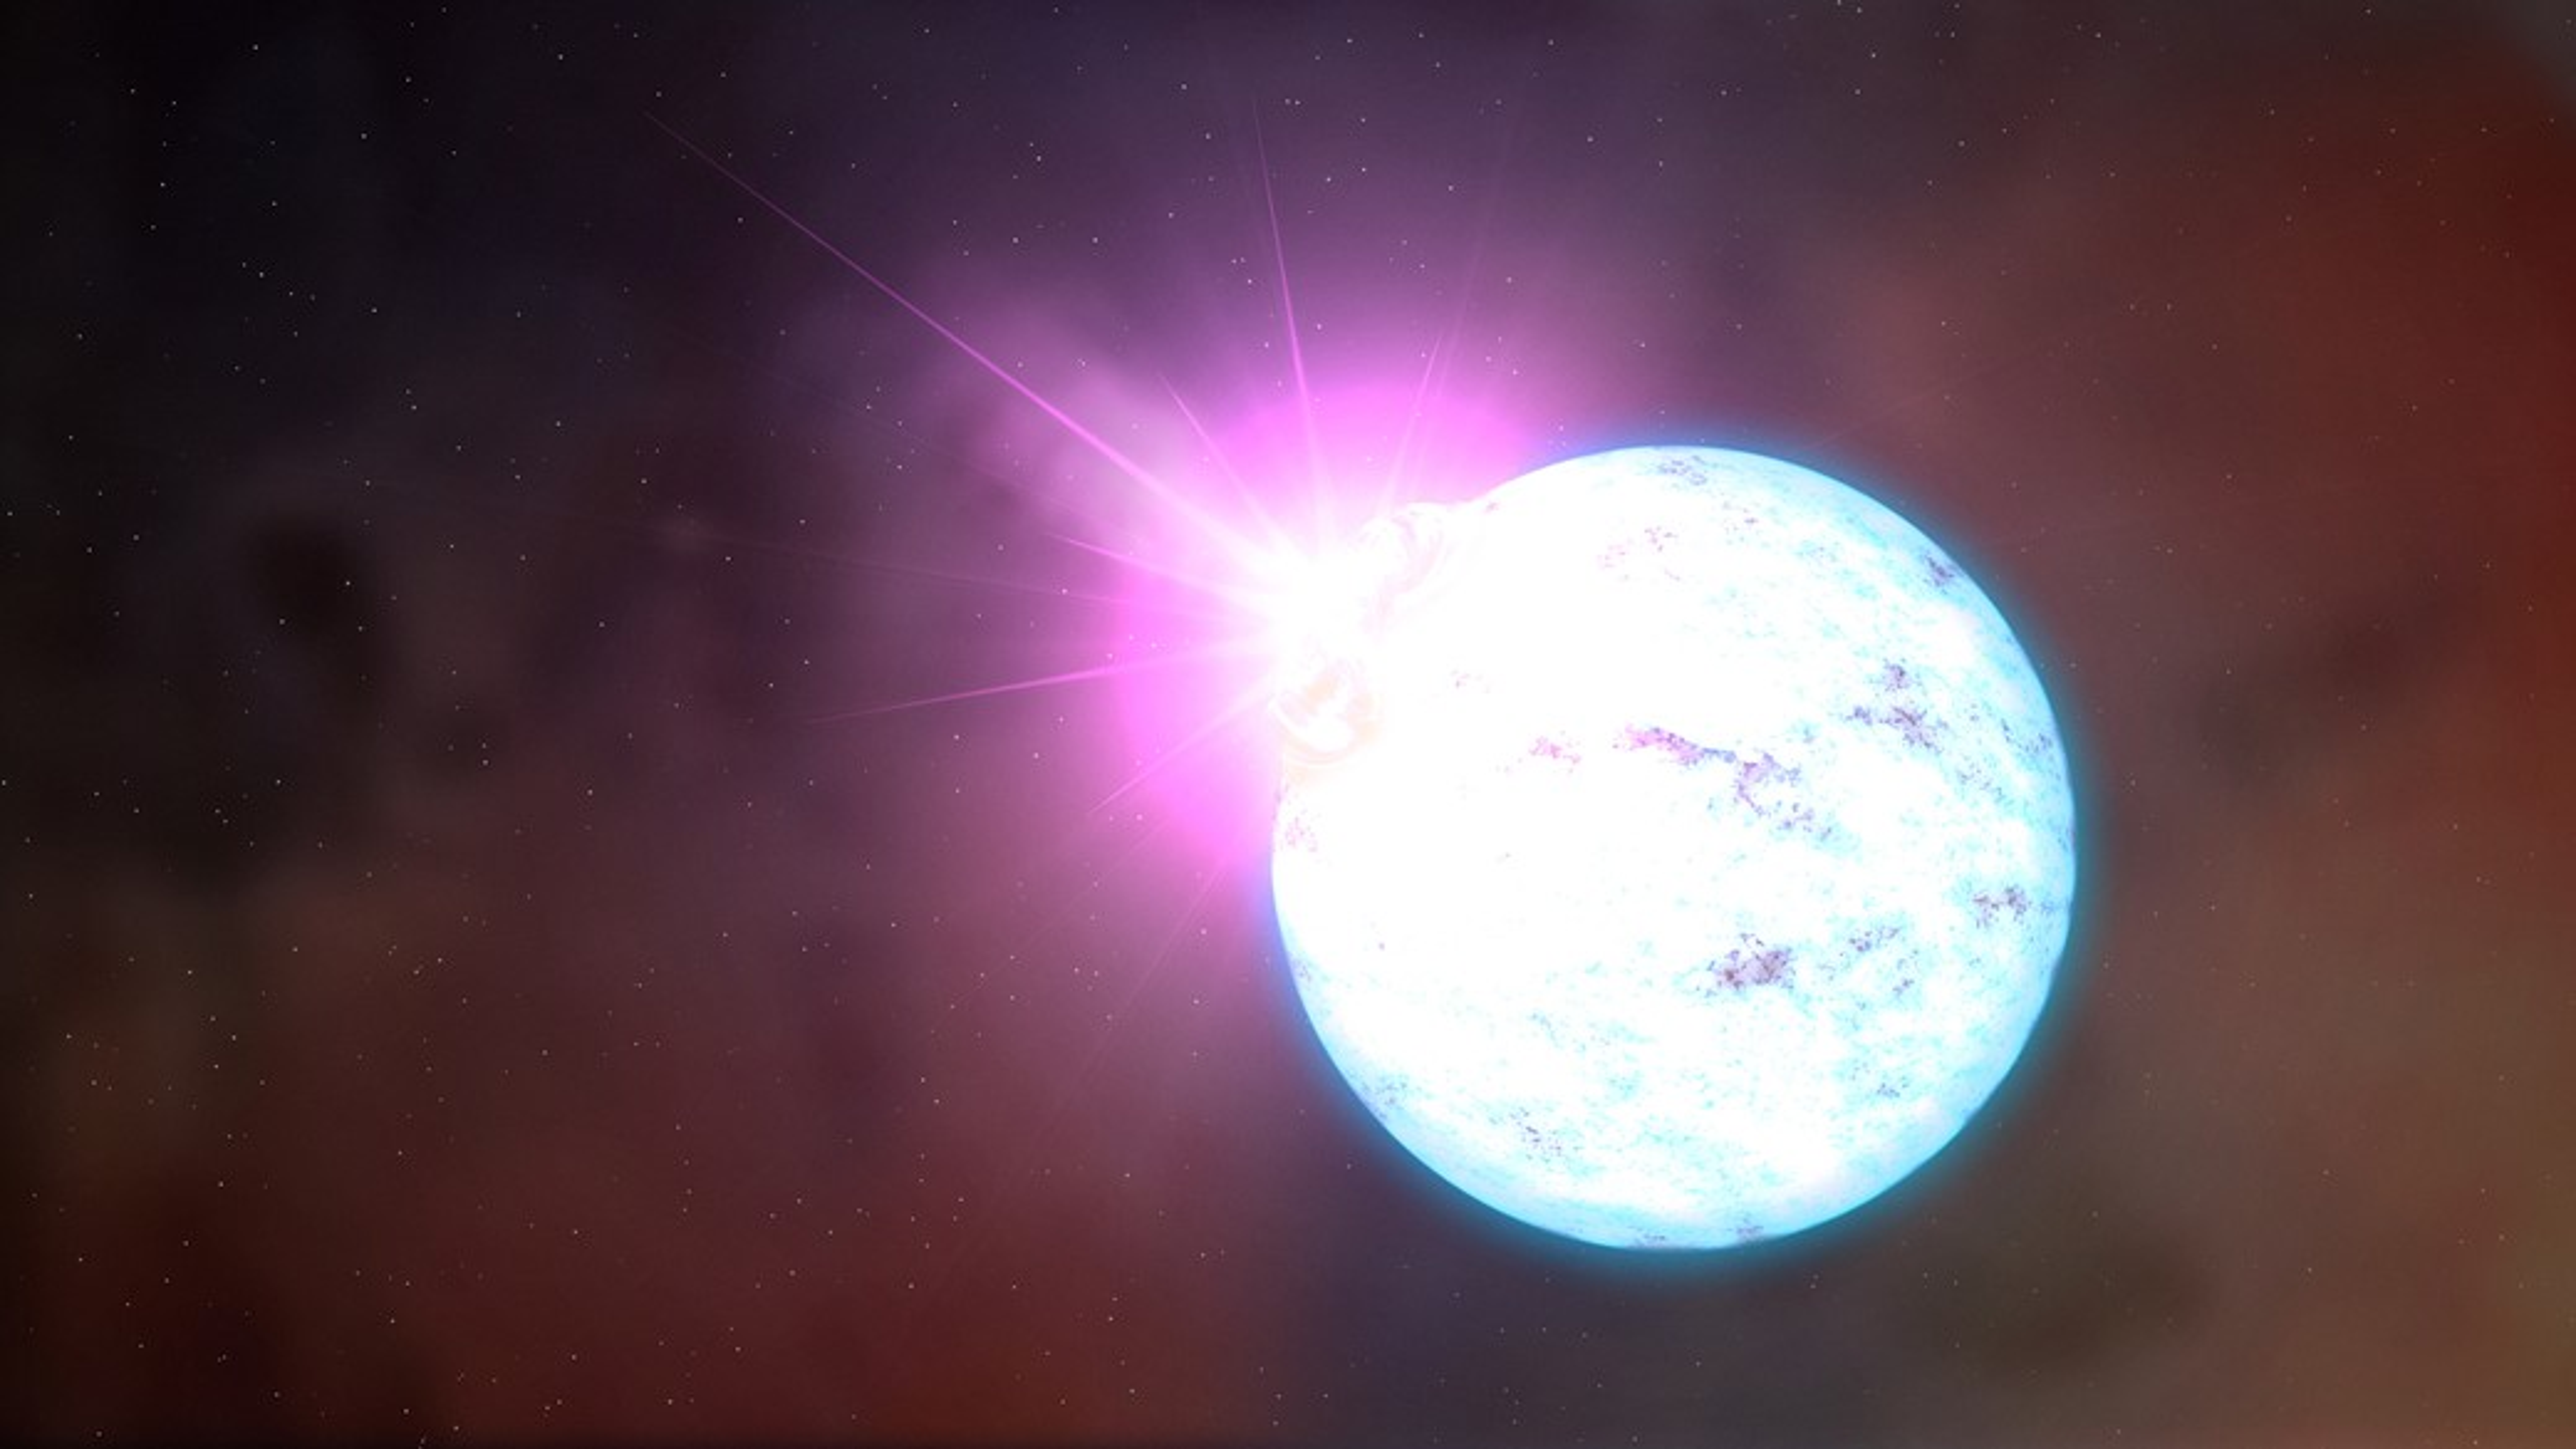 Brilho de explosão chega a ser bilhões de vezes mais forte que o do Sol.